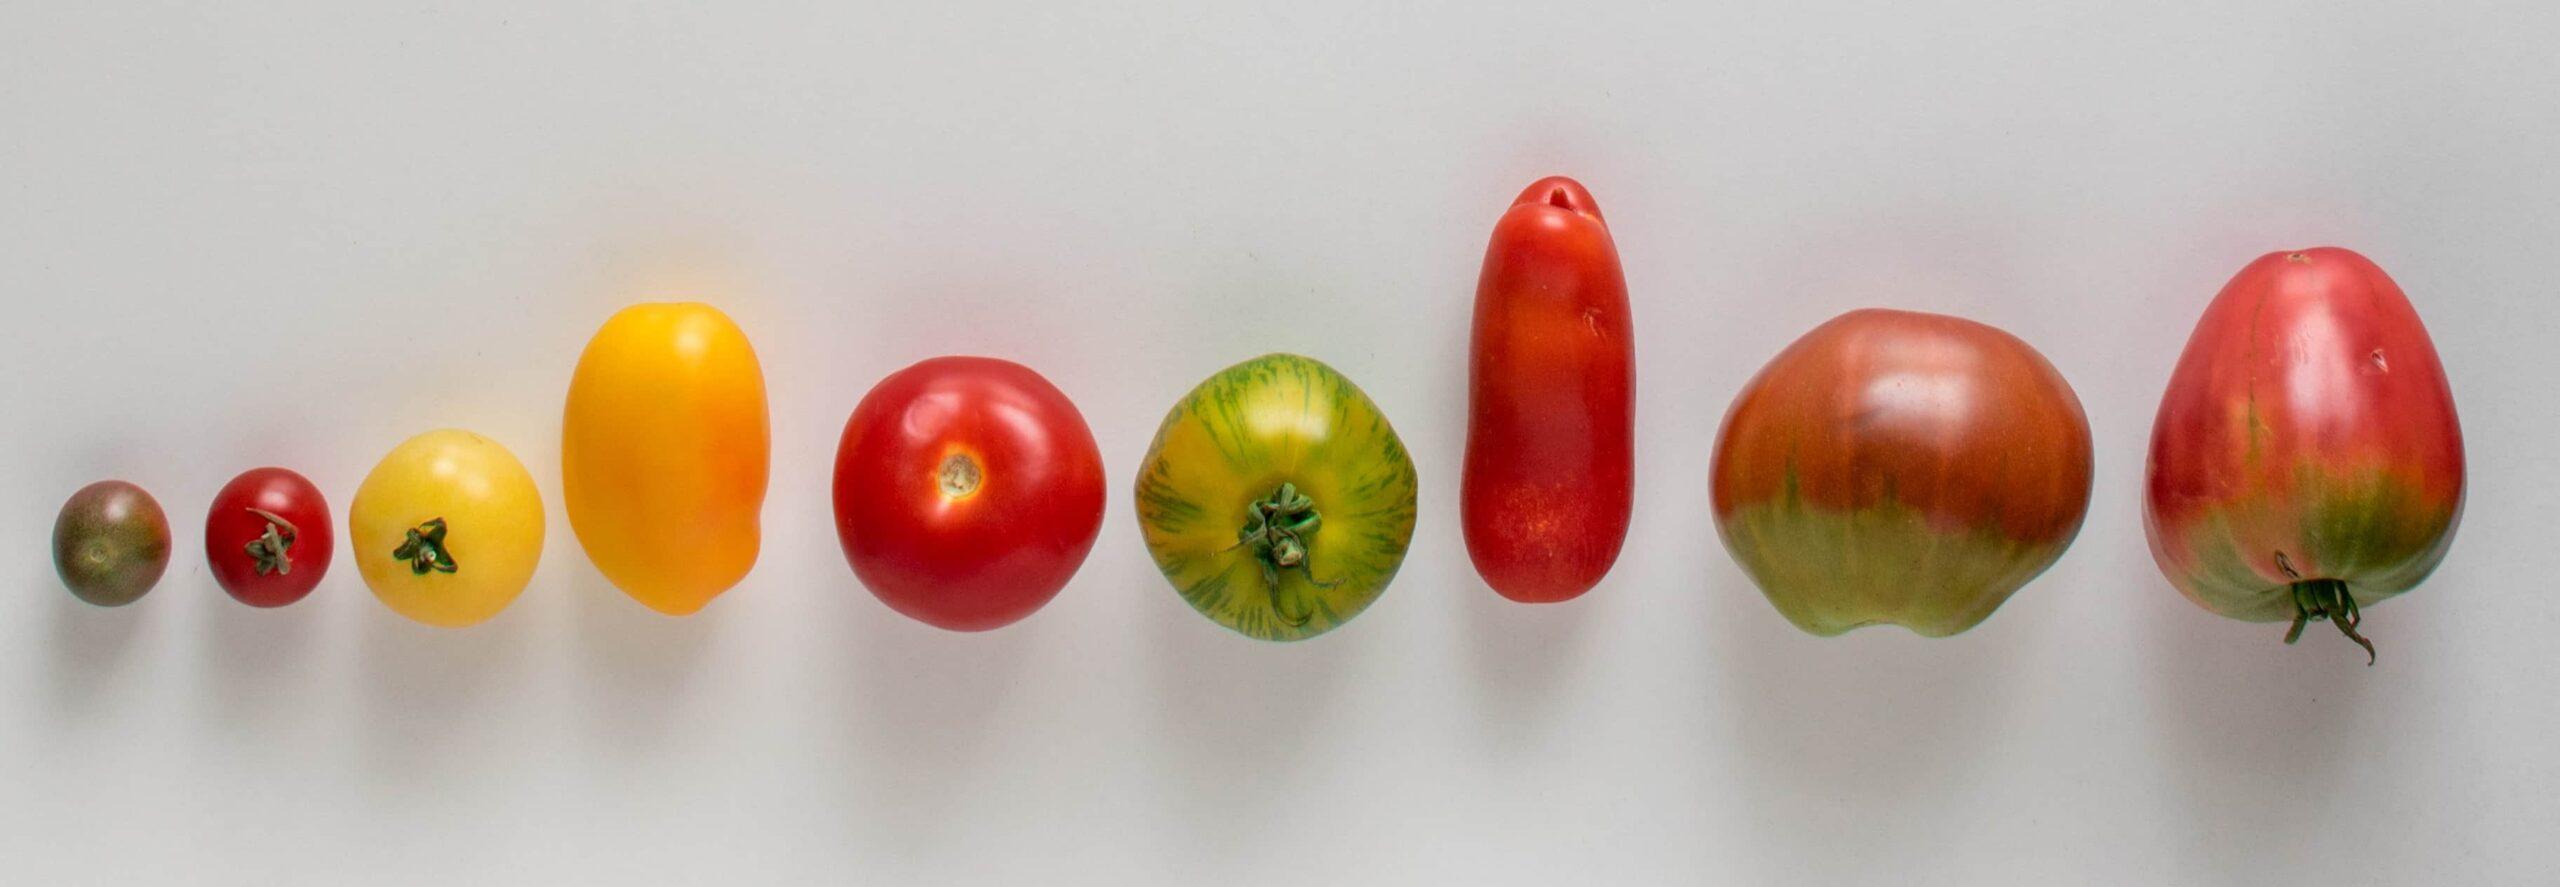 schmuckfoto tomaten hochformat (2)